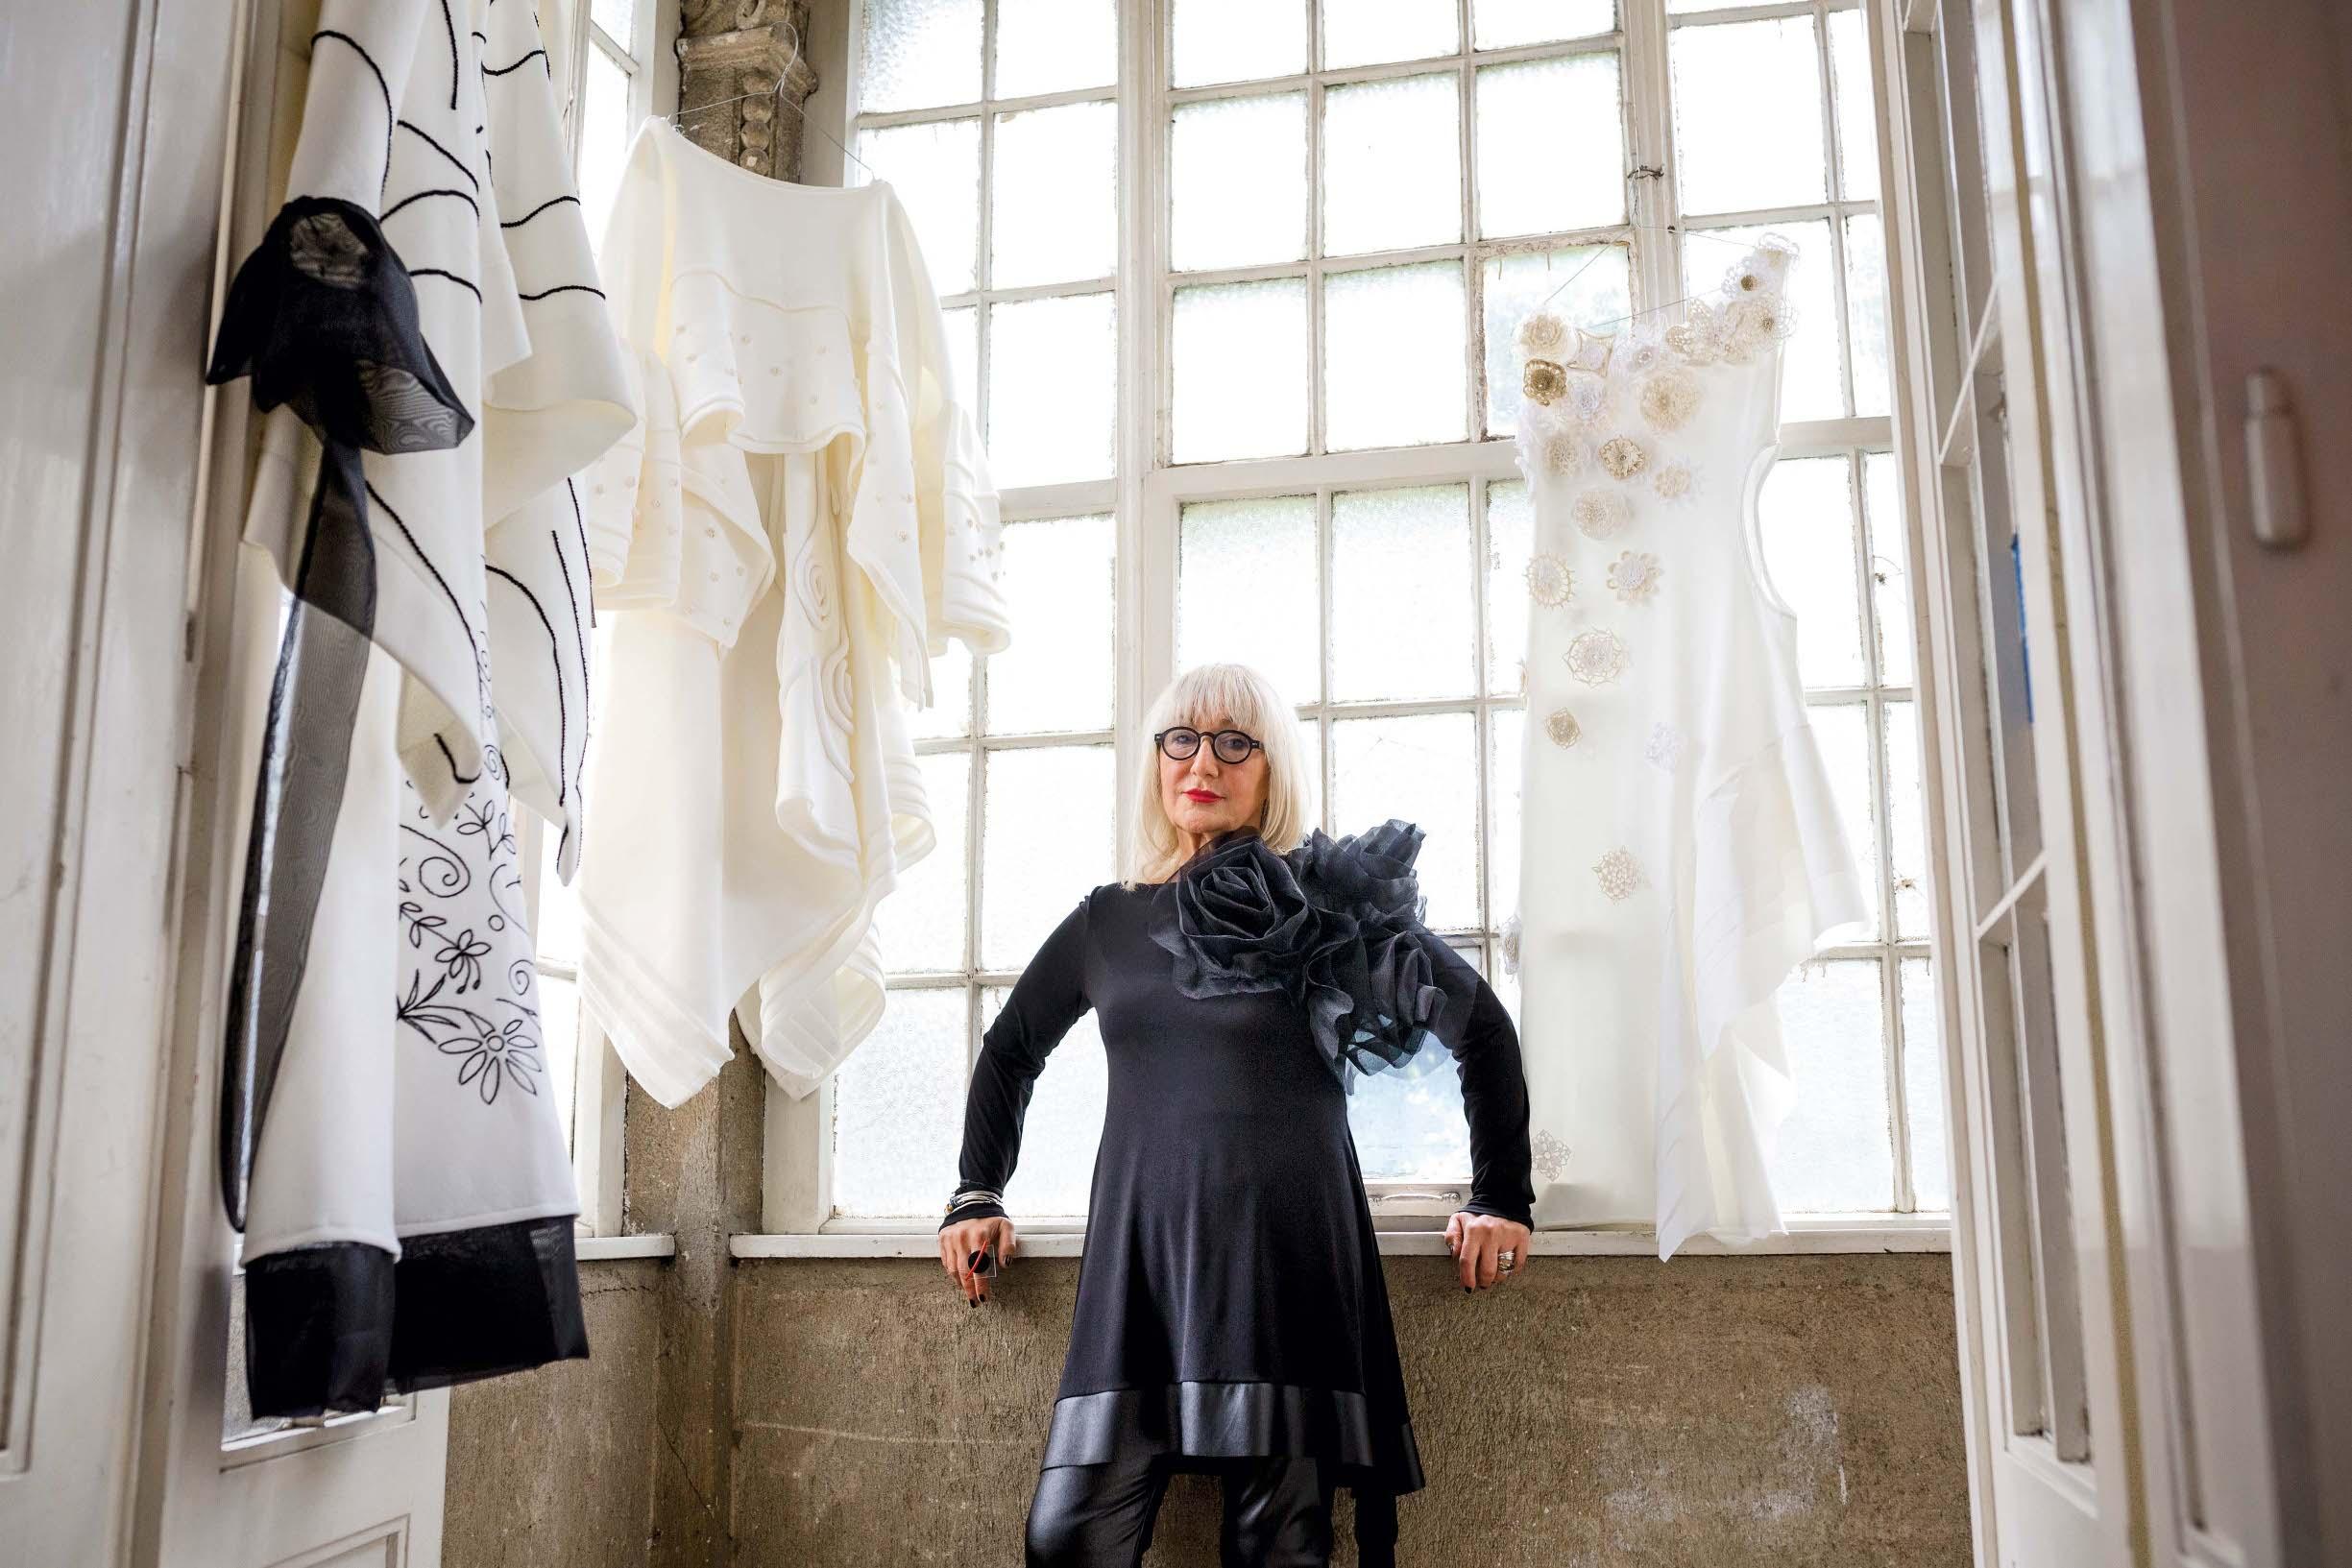 Dizajnerica Milena Rogulj oblikuje odjevne predmete od ručno dorađenih materijala